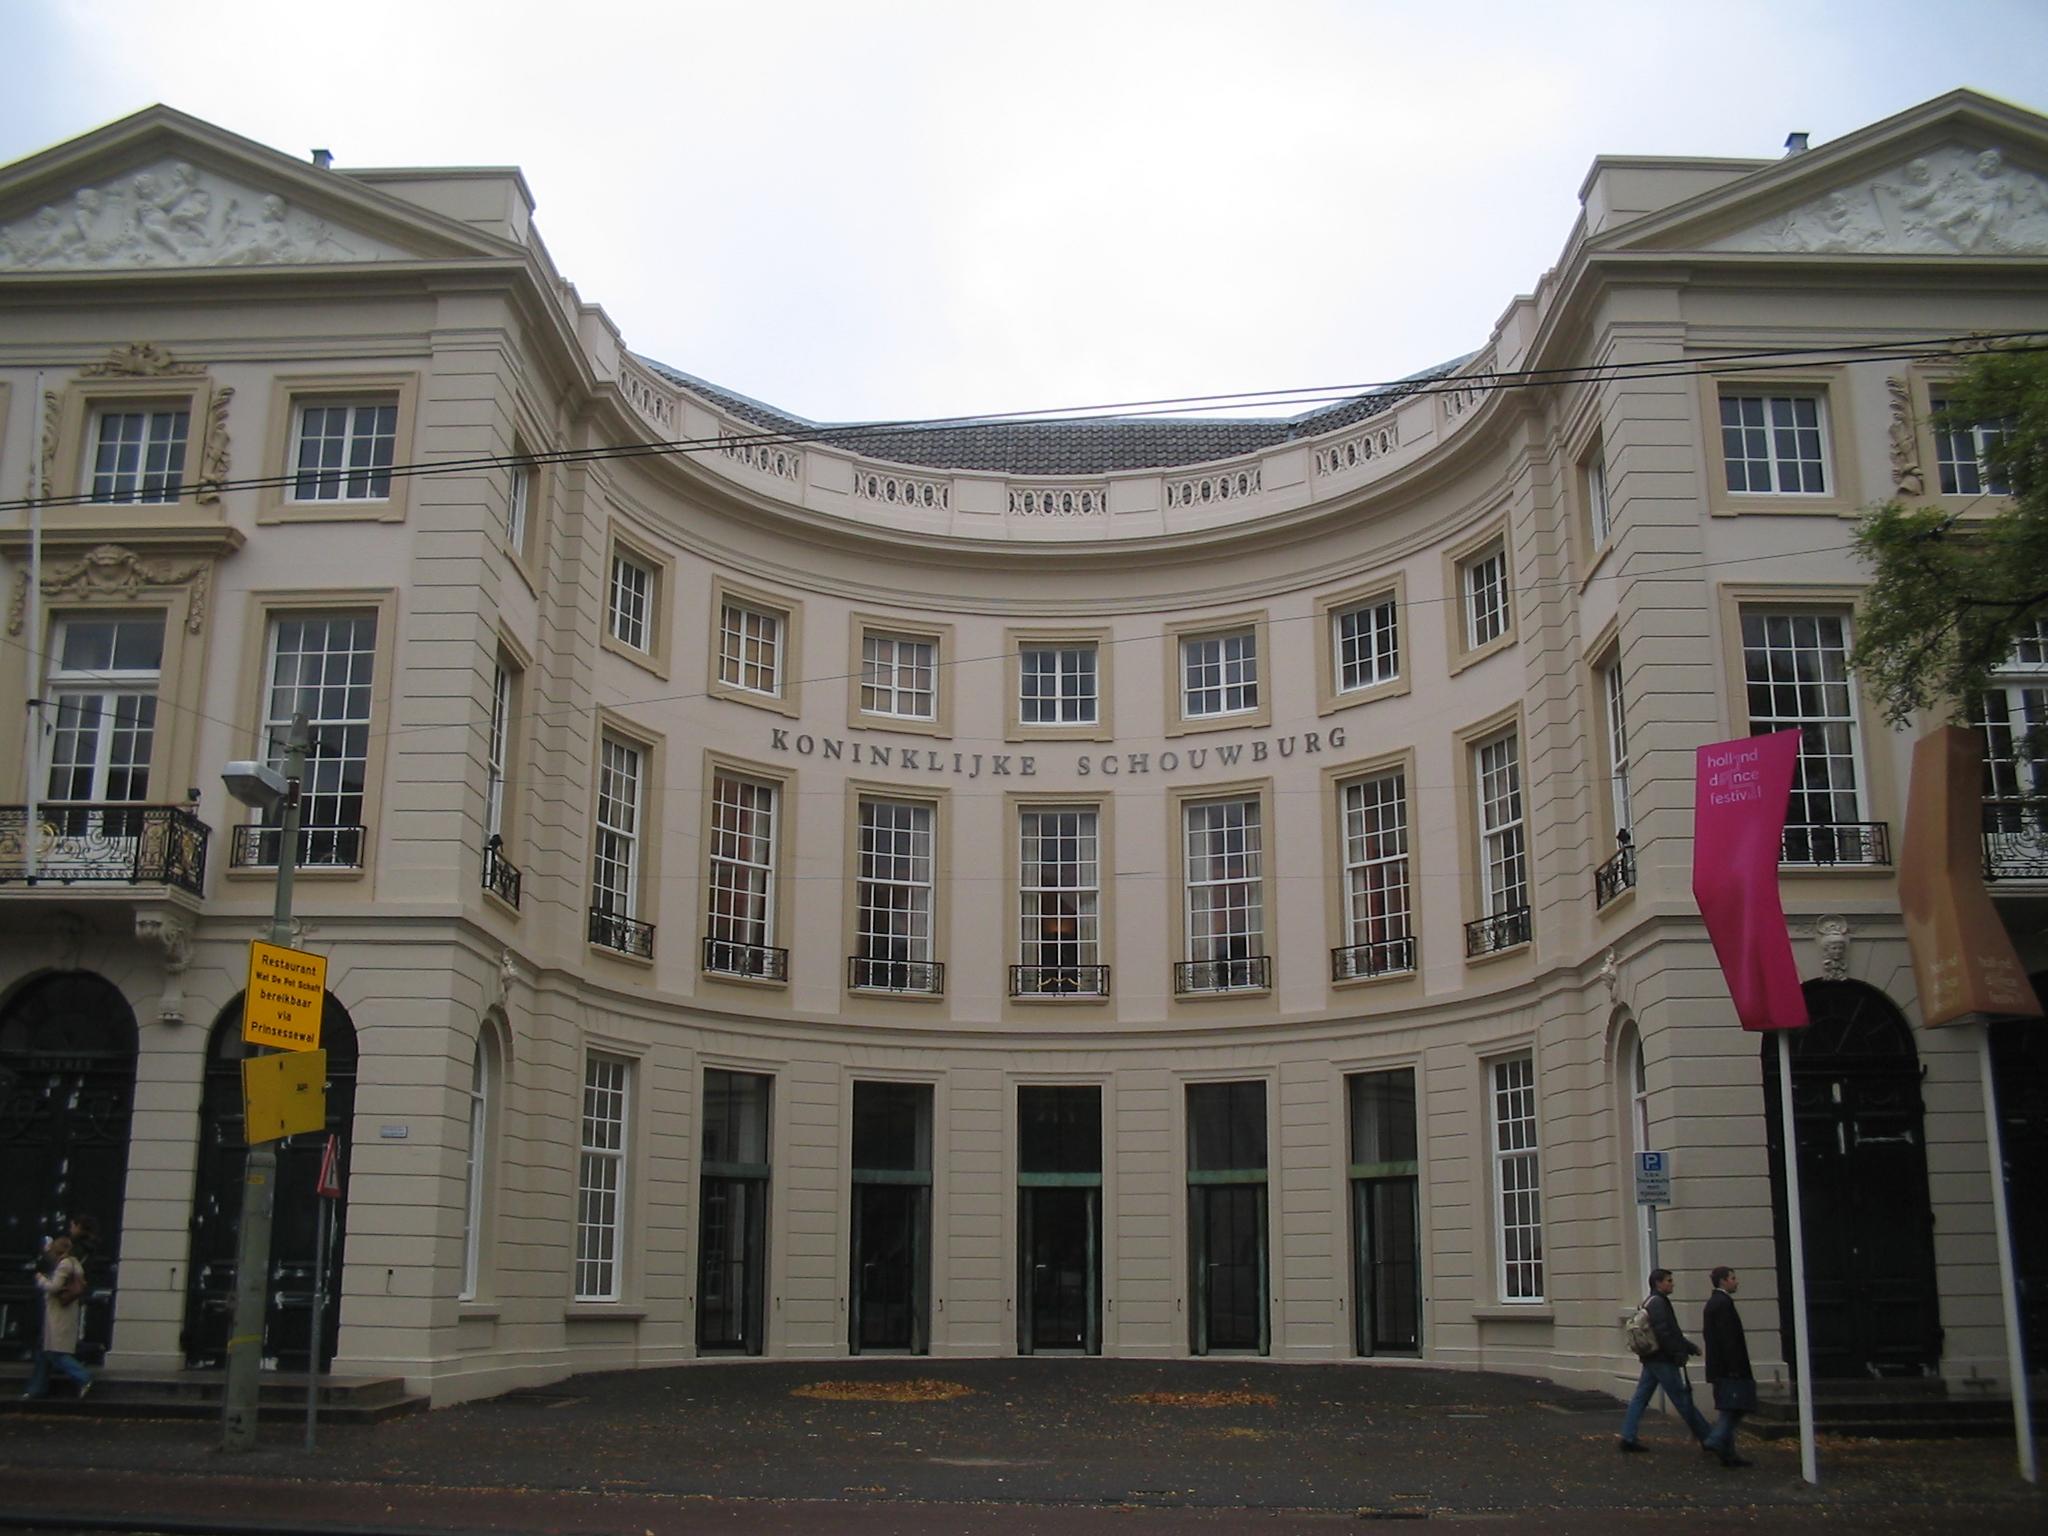 Koninklijke Schouwburg Den Haag.jpg